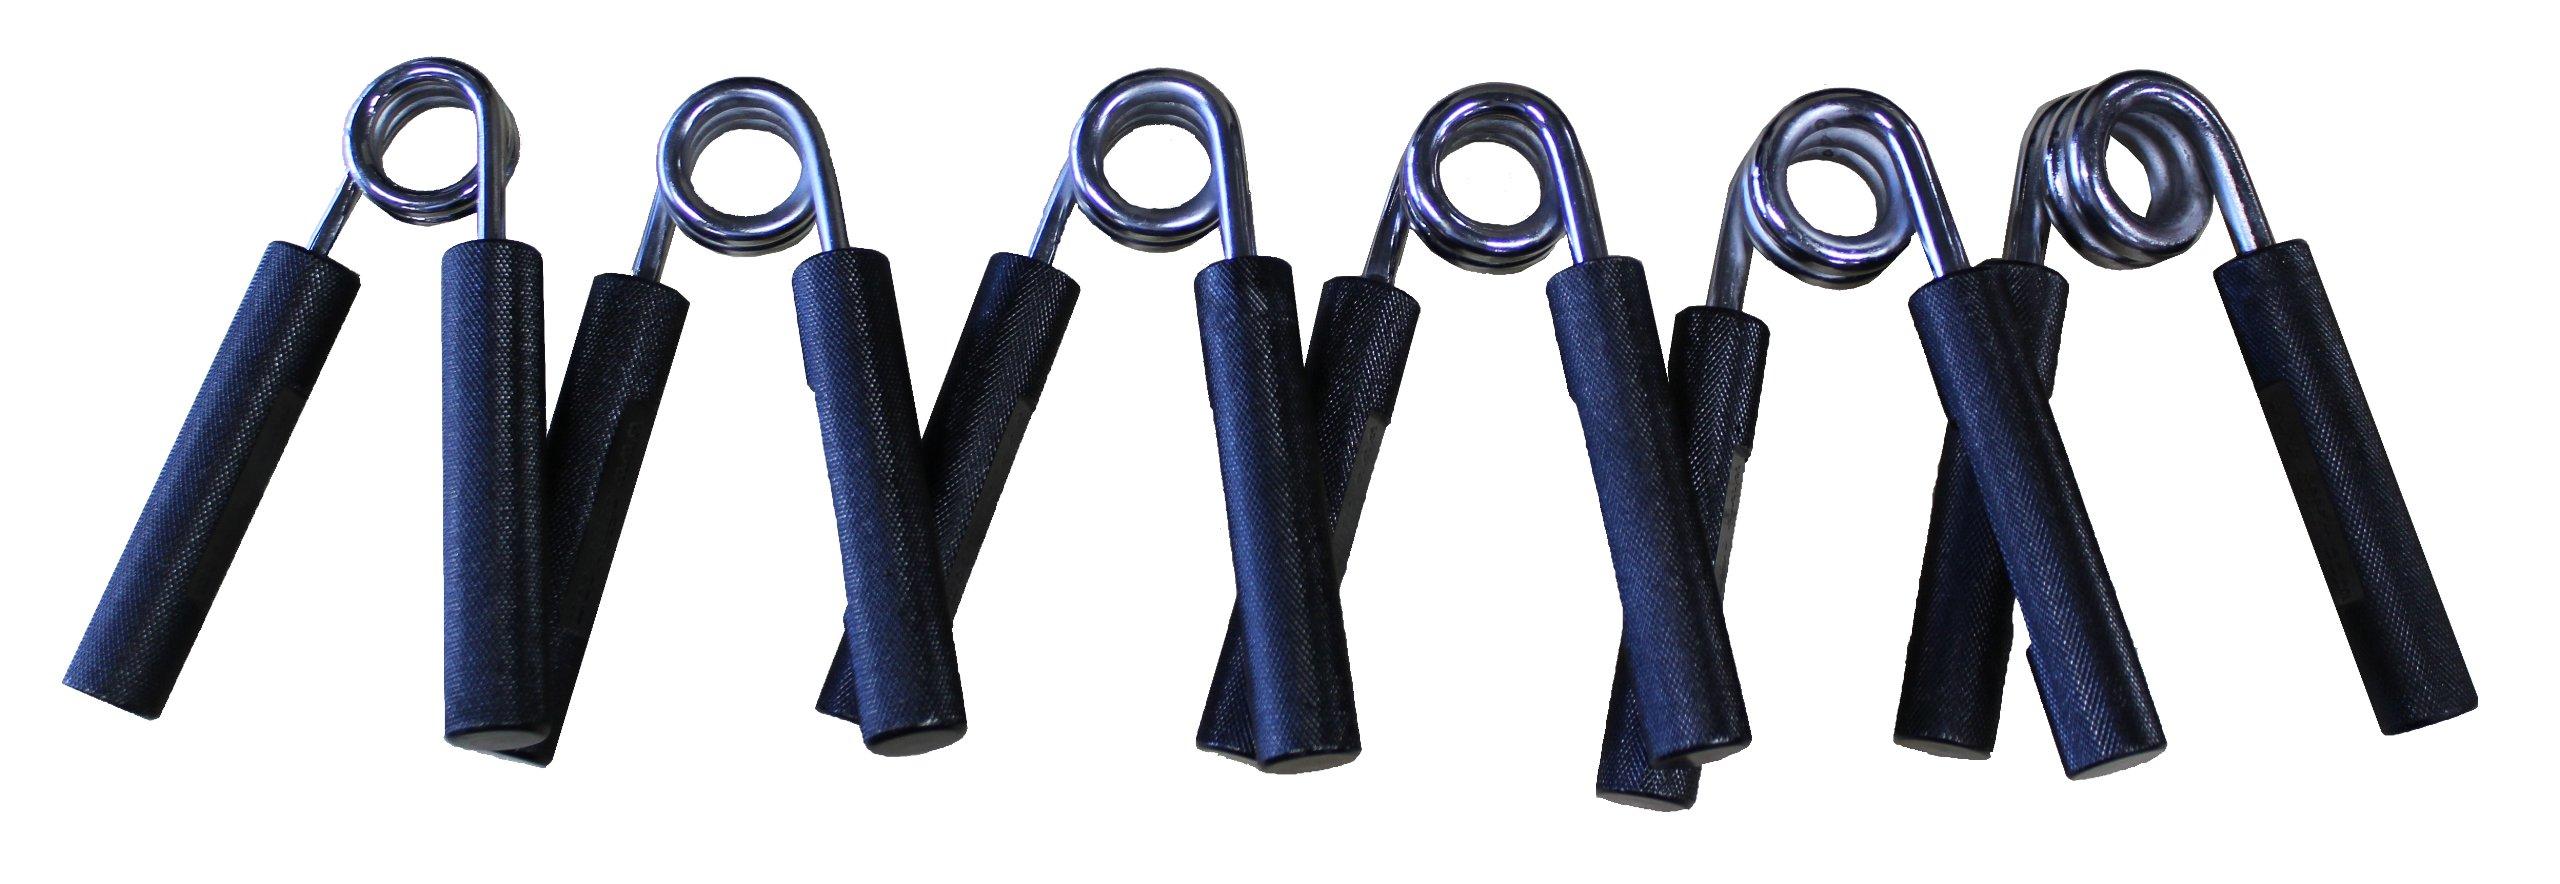 CFF Pit Bull Gripper - Master Set(100lb, 150lb, 200lb, 250lb, 300lb)